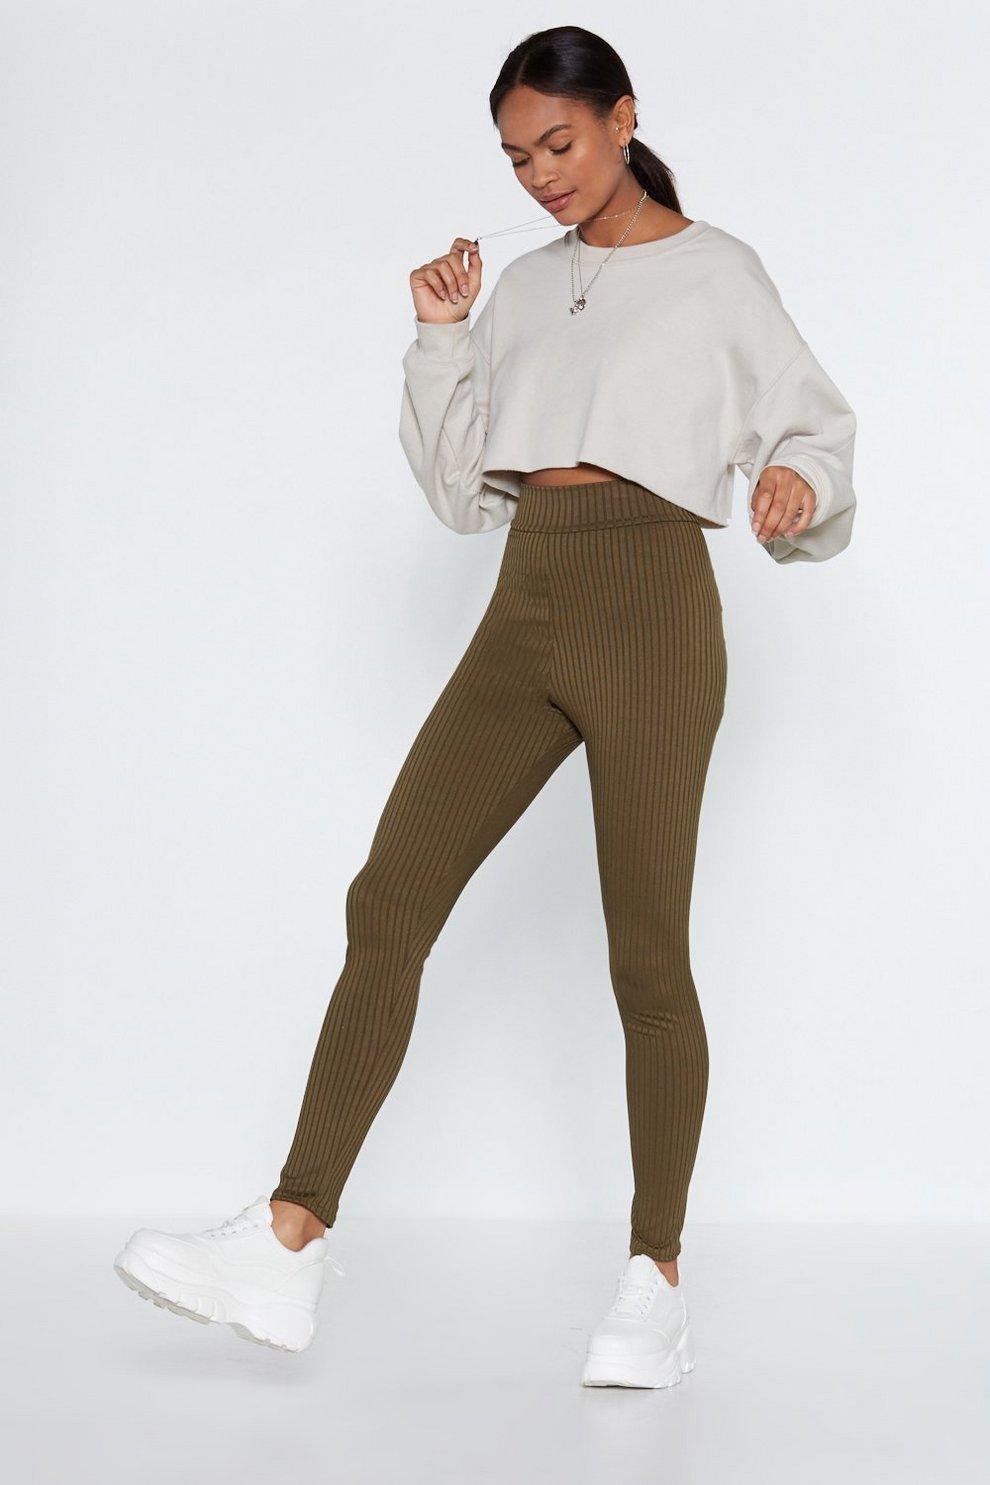 5e02576b6 Where Can I Buy Long Shirts For Leggings - DREAMWORKS